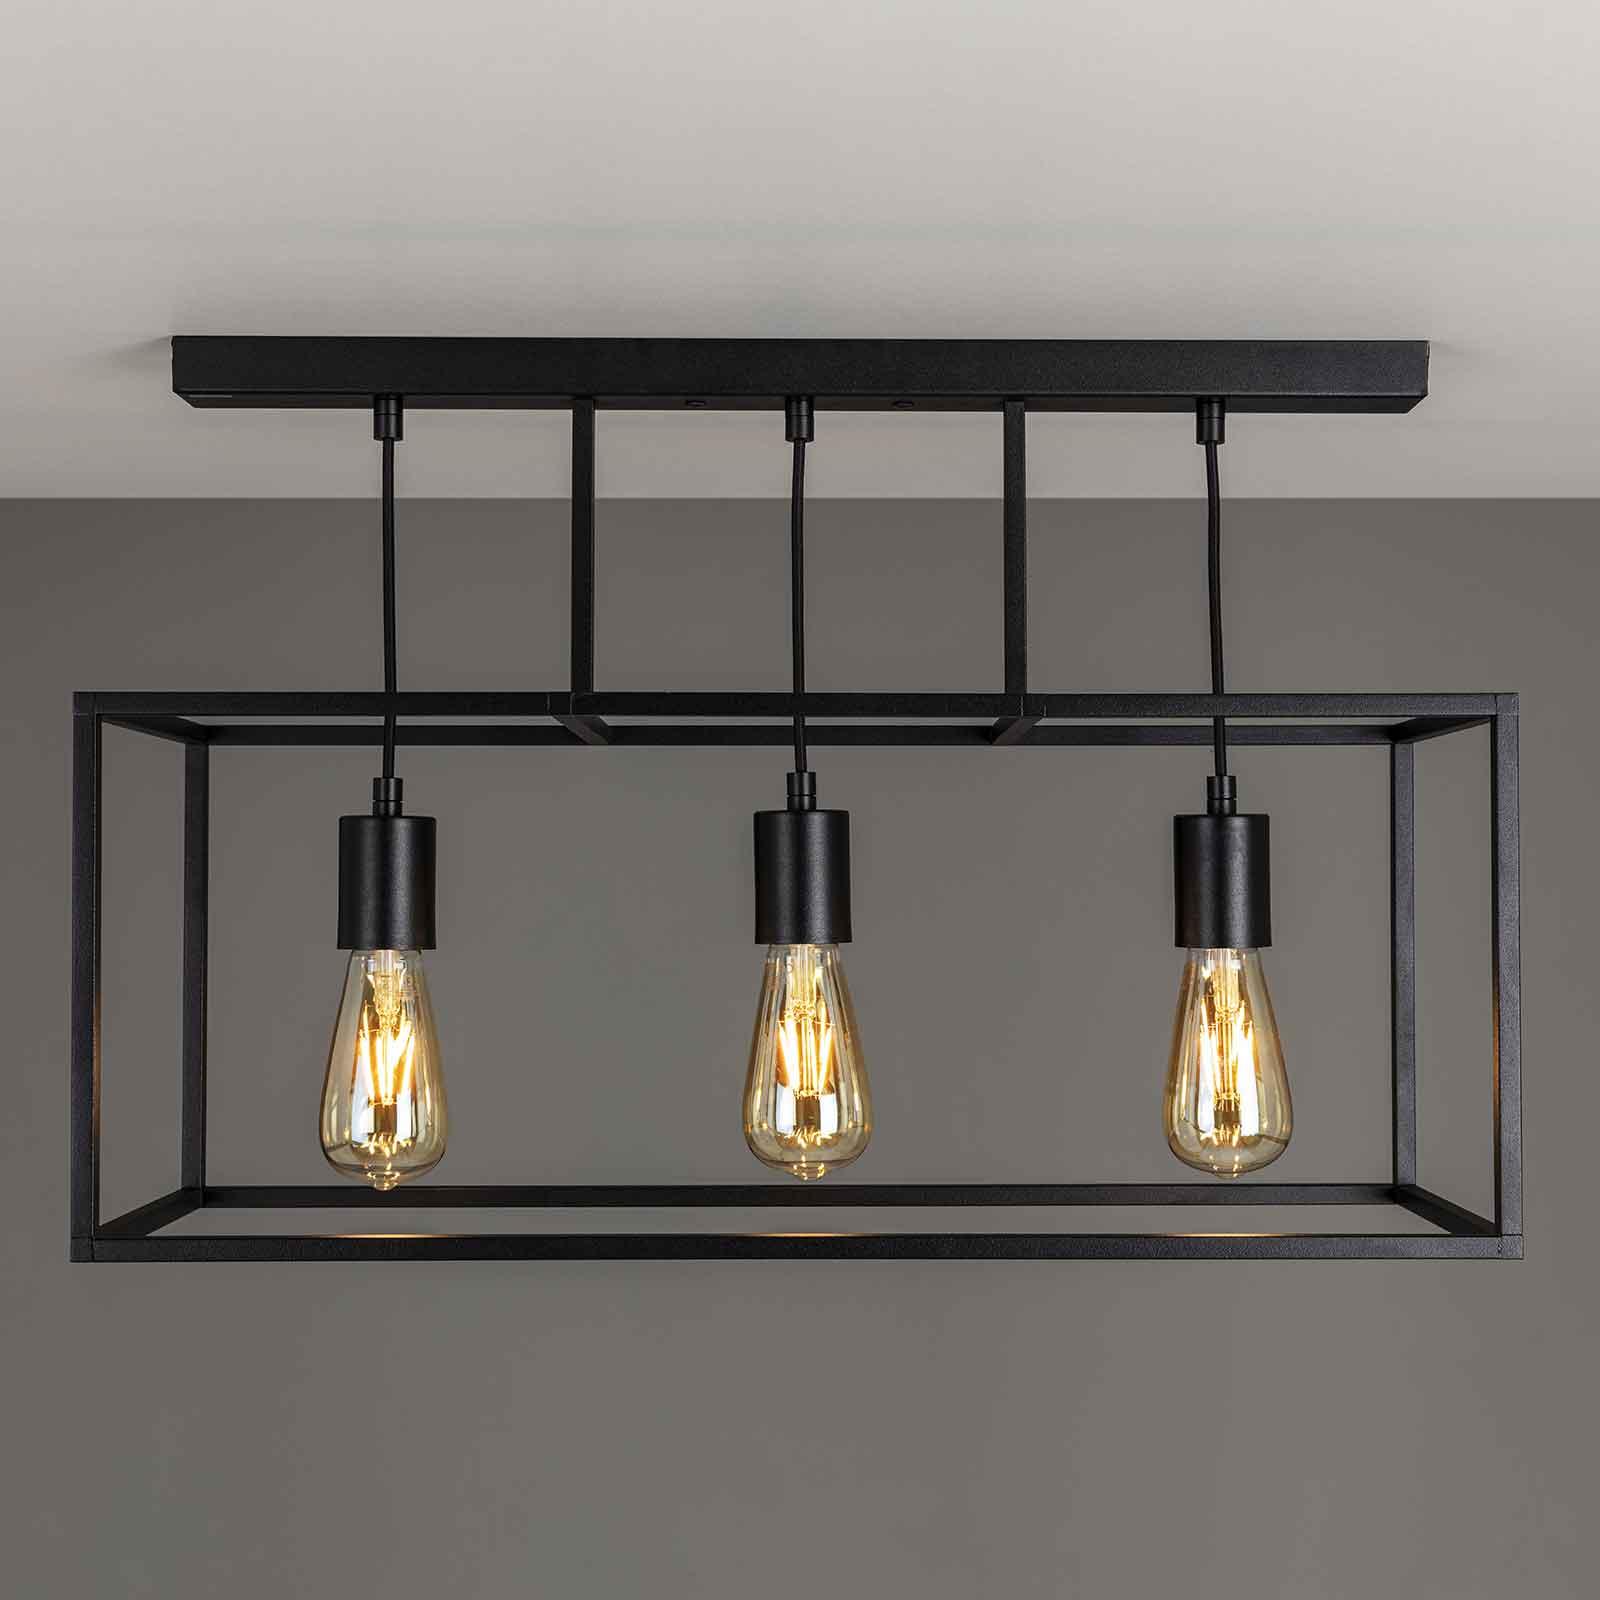 Plafondlamp Cubic³ 3384, 3-lamps, zwart